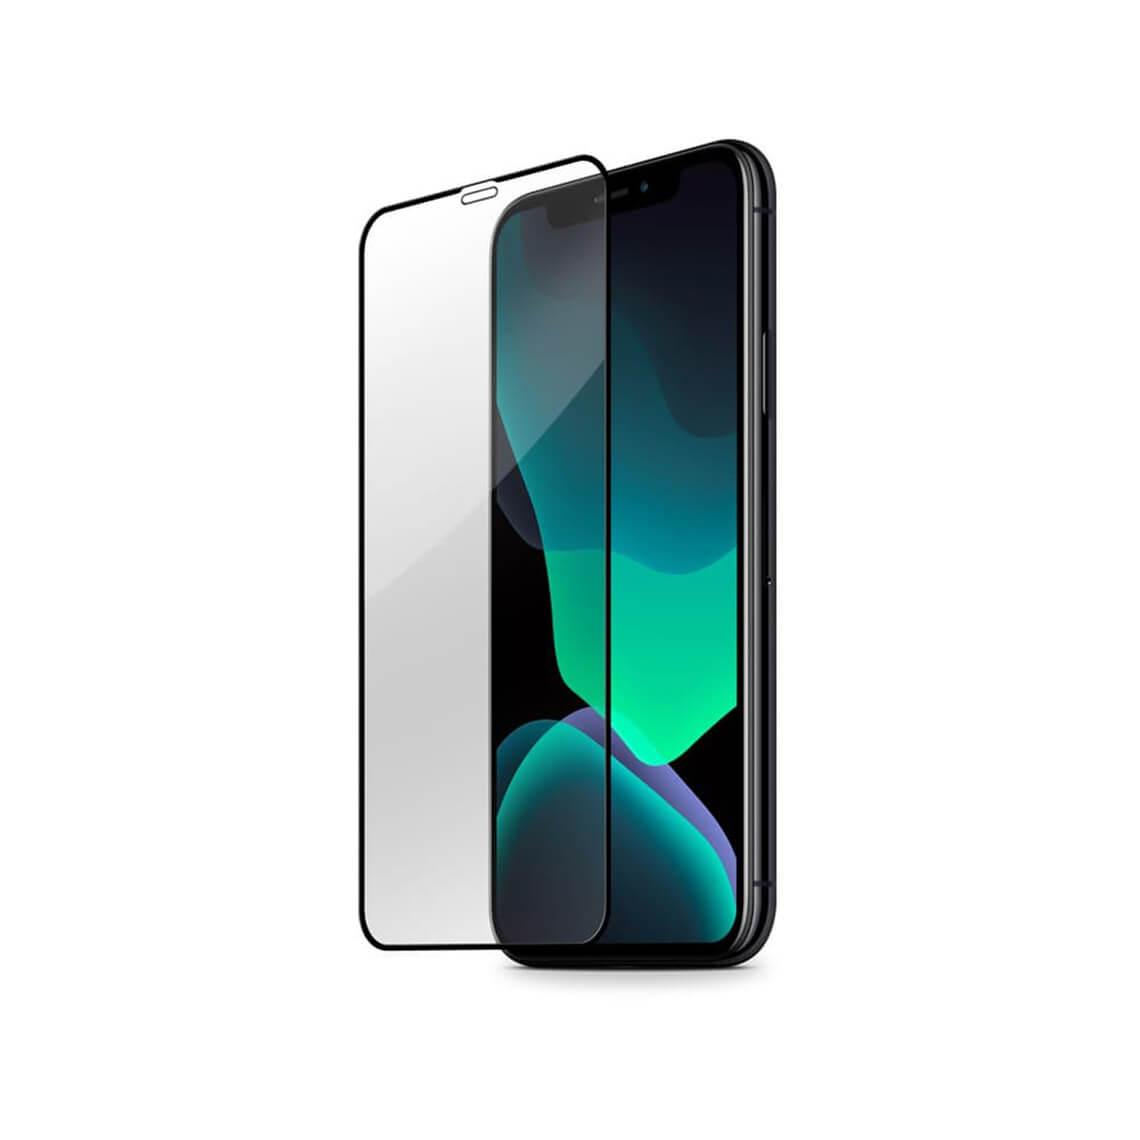 محافظ صفحه نمایش بلینکس Lumino برای iPhone12 Mini